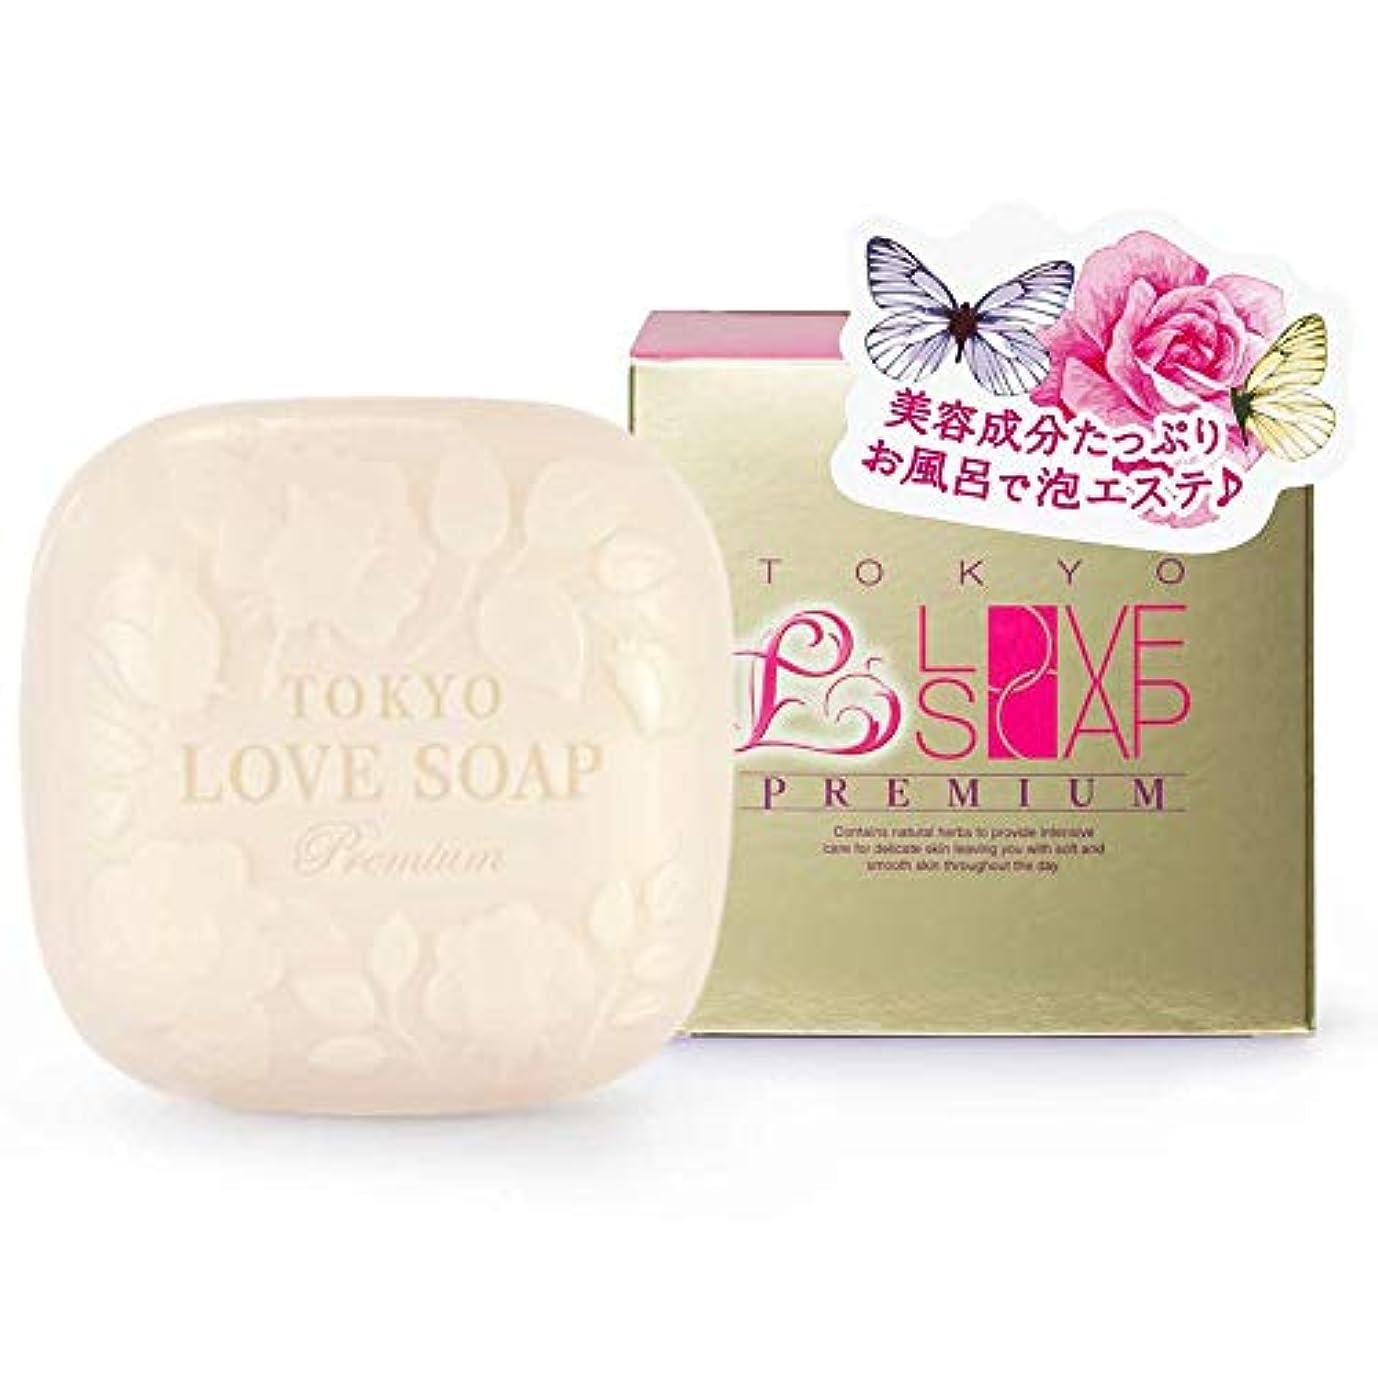 妊娠した安いです文法東京ラブソーププレミアム 保湿 潤い 美肌 黒ずみ デリケートゾーン ソープ 国産 ジャムウ石けん 100g